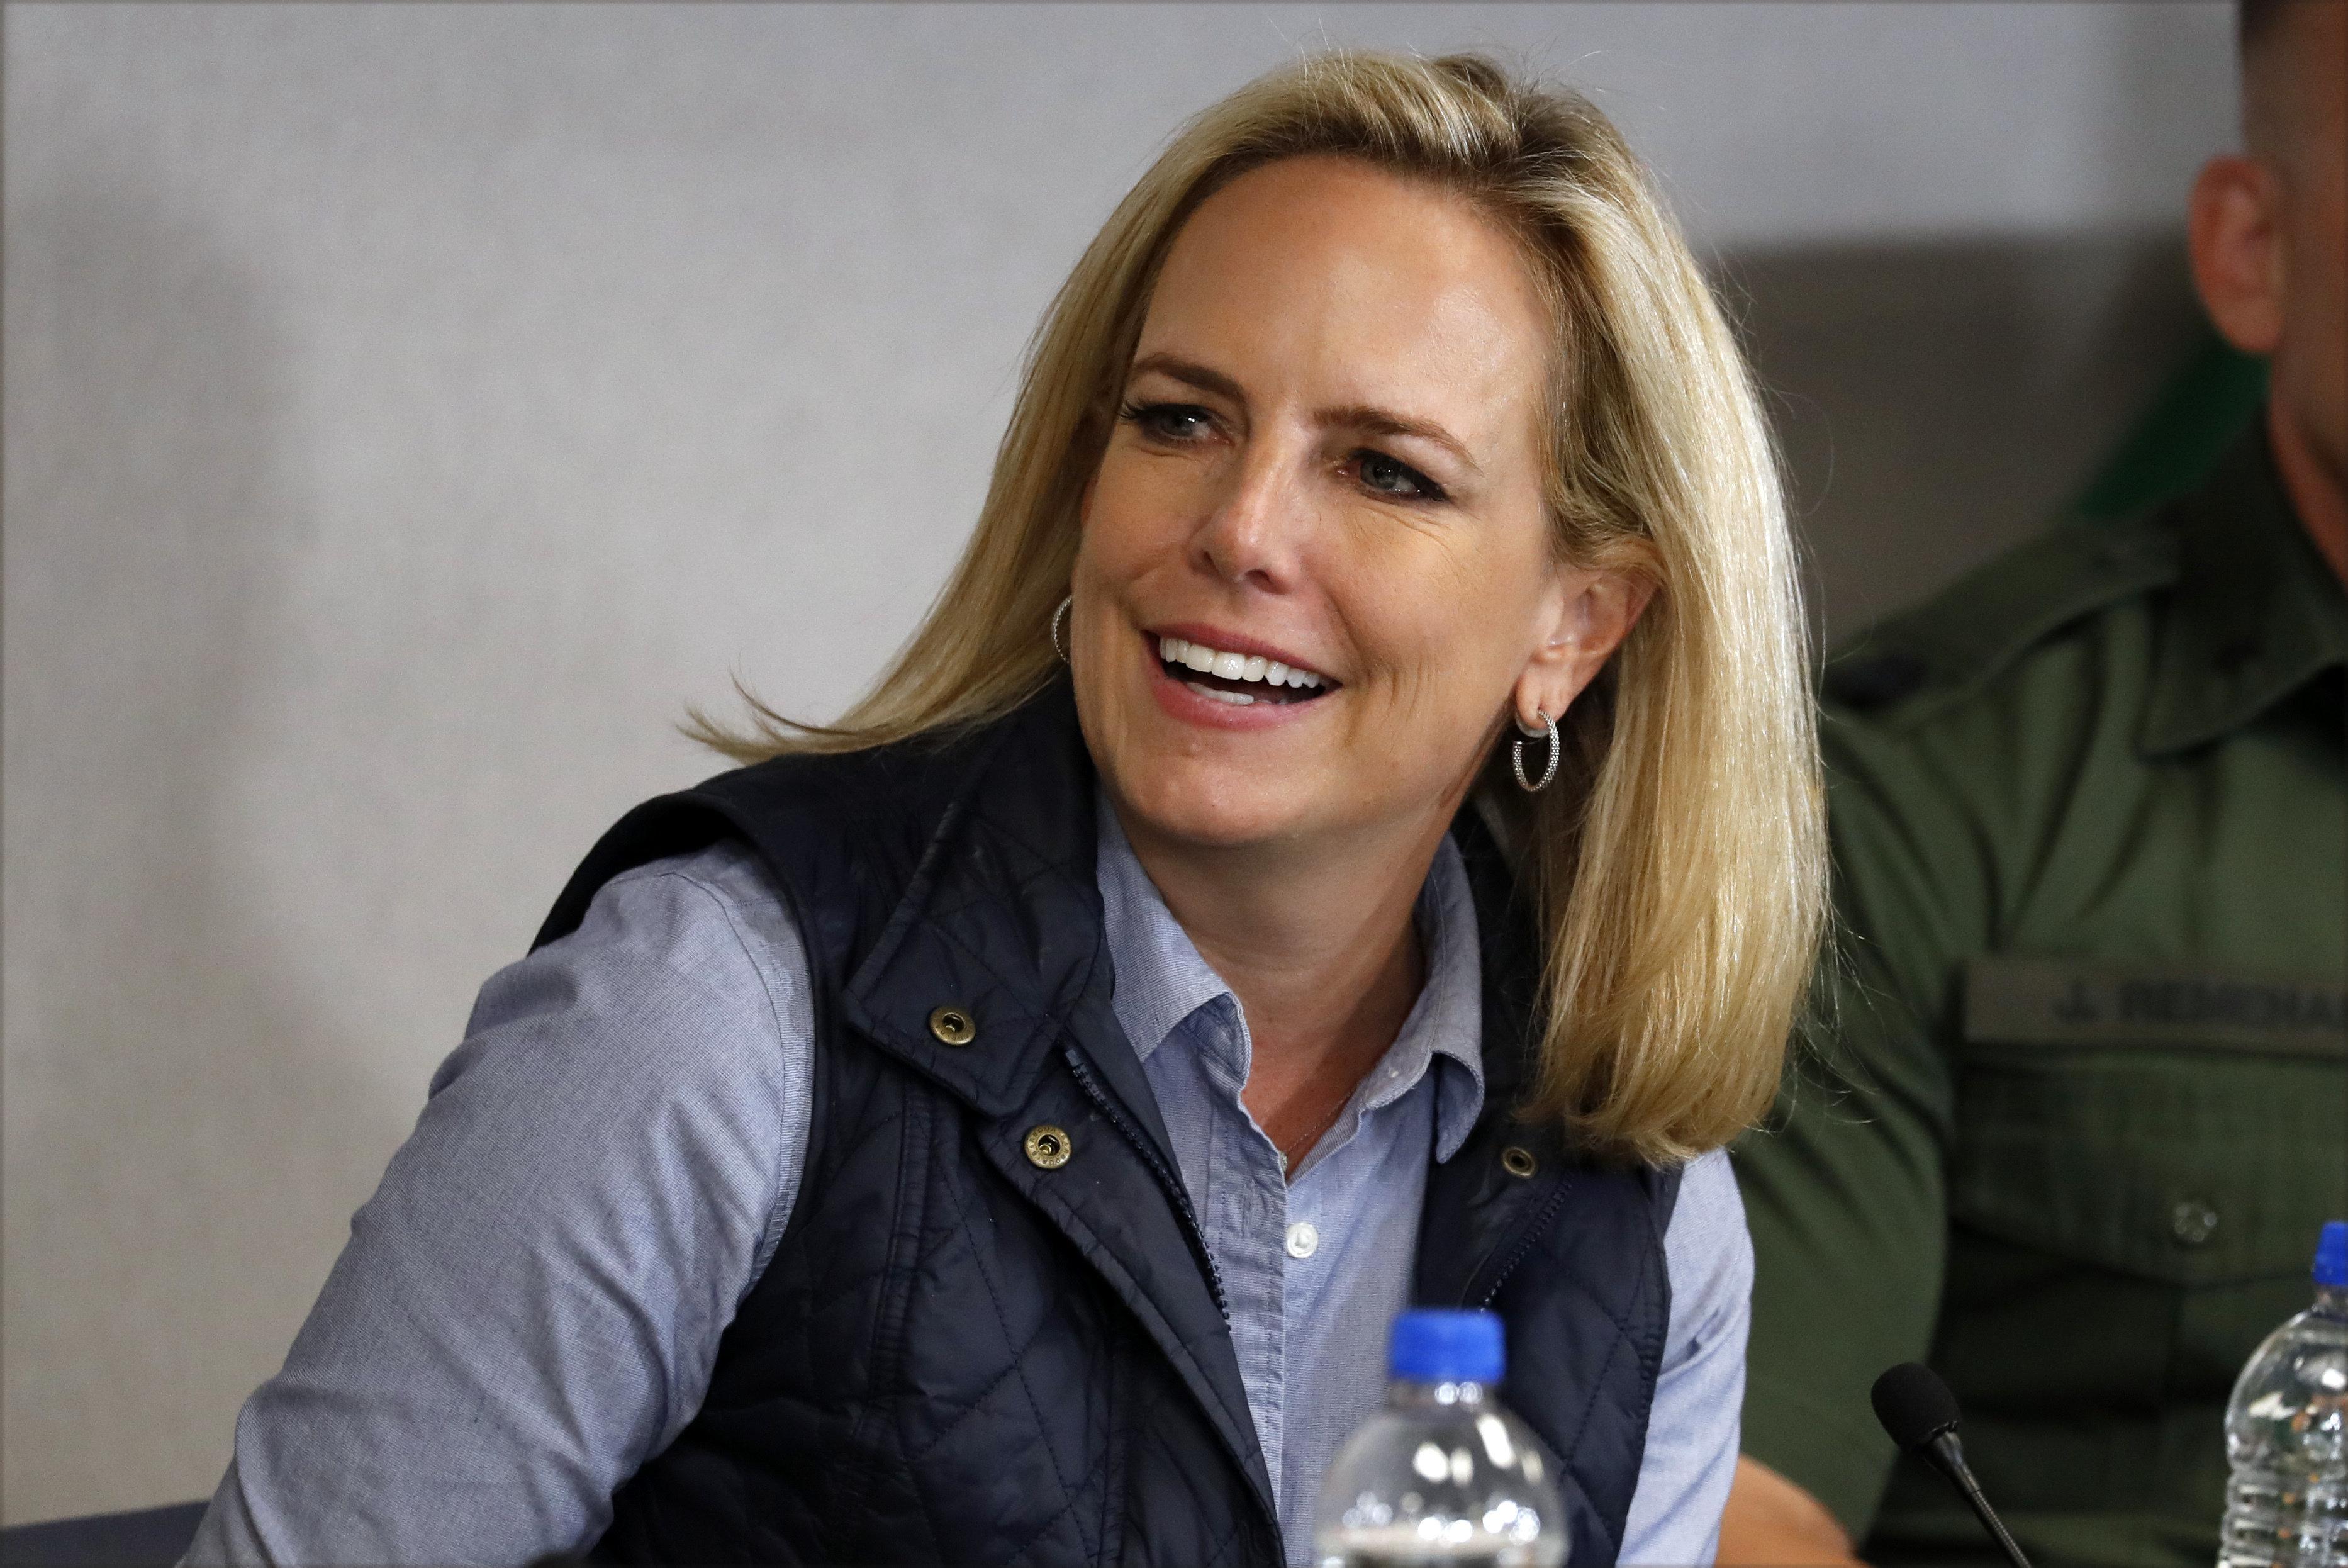 Kirstjen Nielsen, secretaria de Seguridad Nacional, sonríe mientras escucha al presidente Donald Trump en la estación de la Patrulla Fronteriza en Calexico, California, el viernes 5 de abril de 2019. (AP Foto/Jacquelyn Martin)